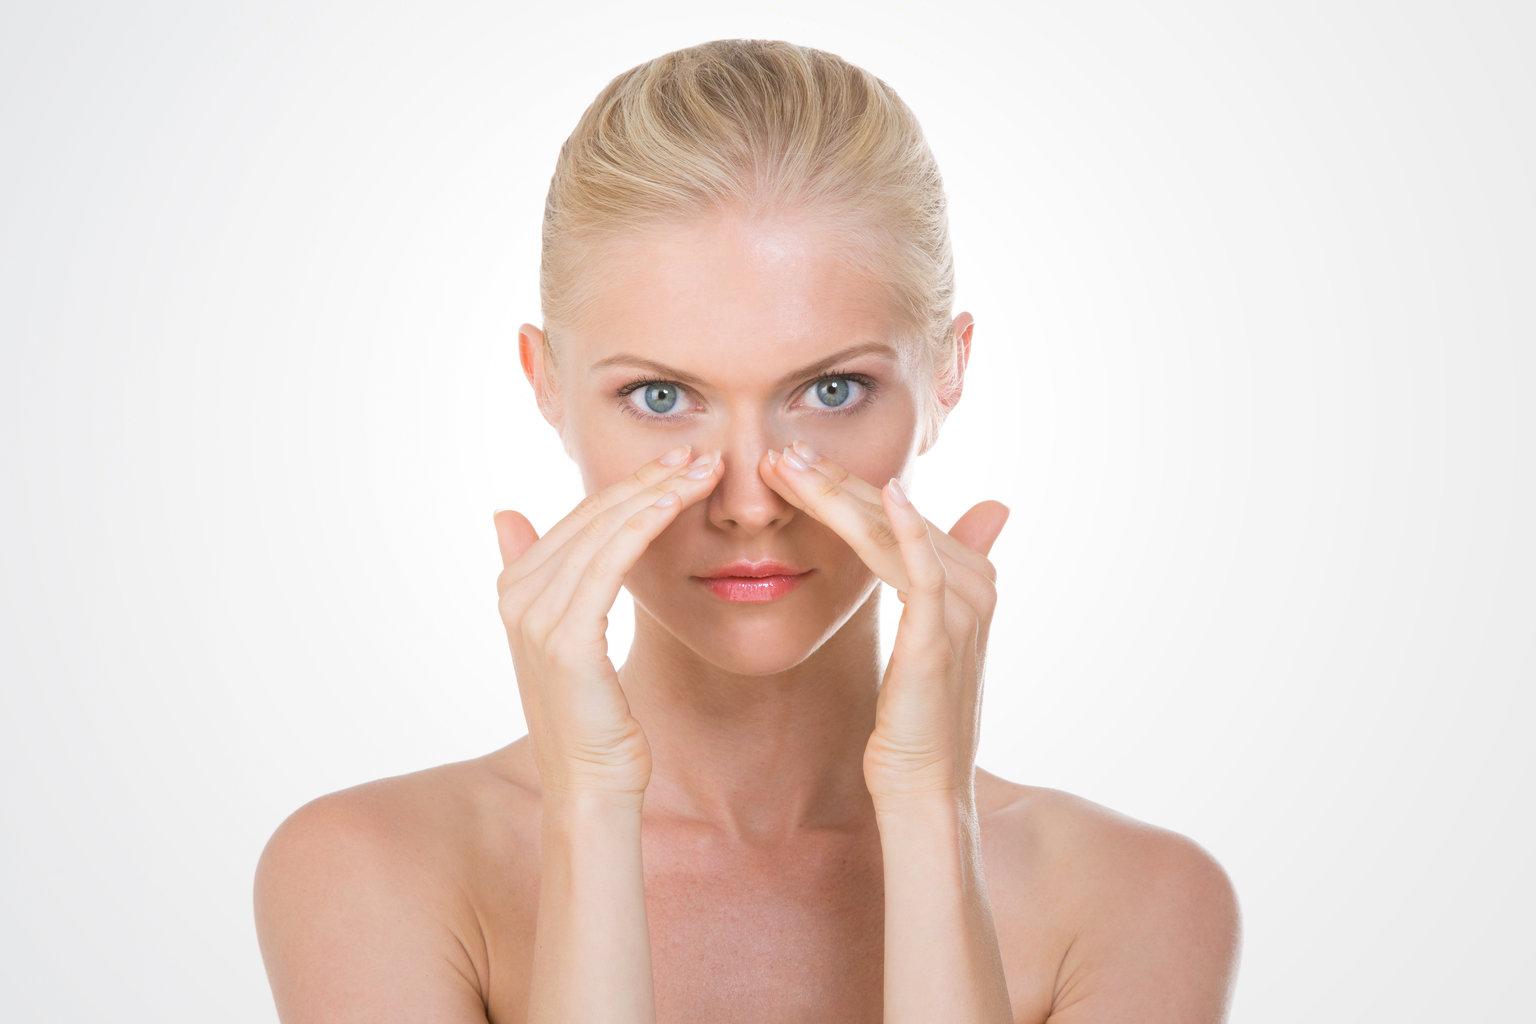 Как в домашних условиях устранить заложенность носа в домашних условиях